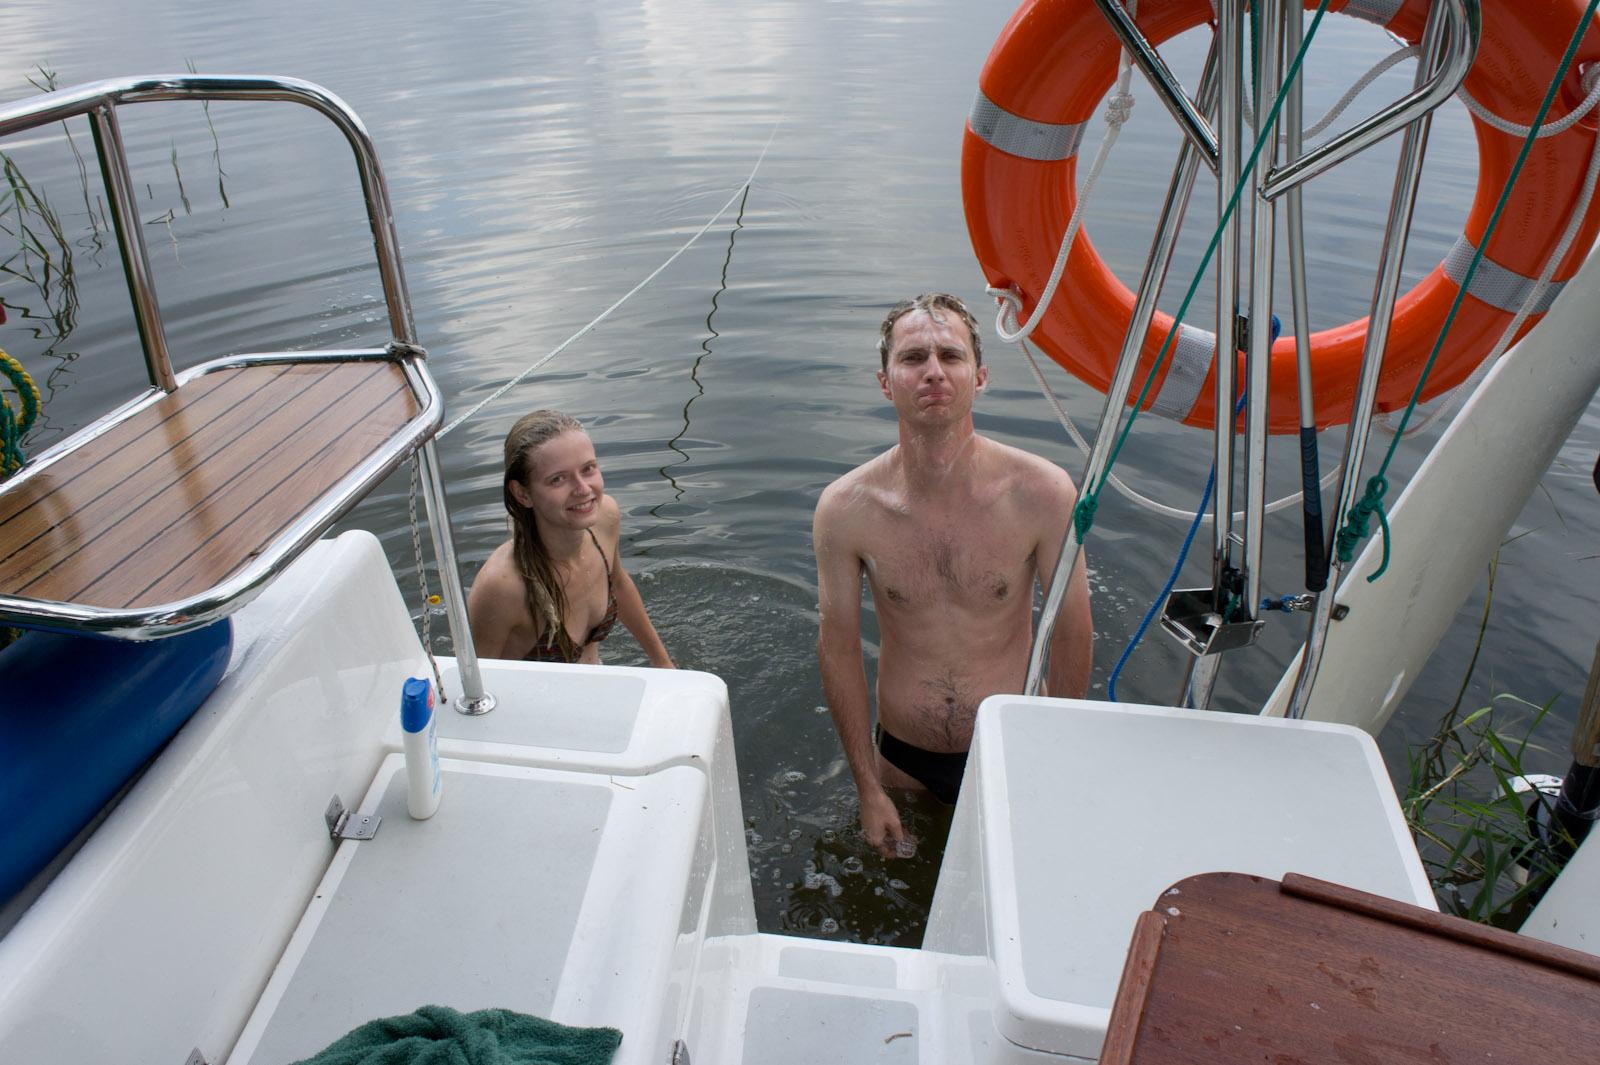 Hanne & Bronek aan het baden